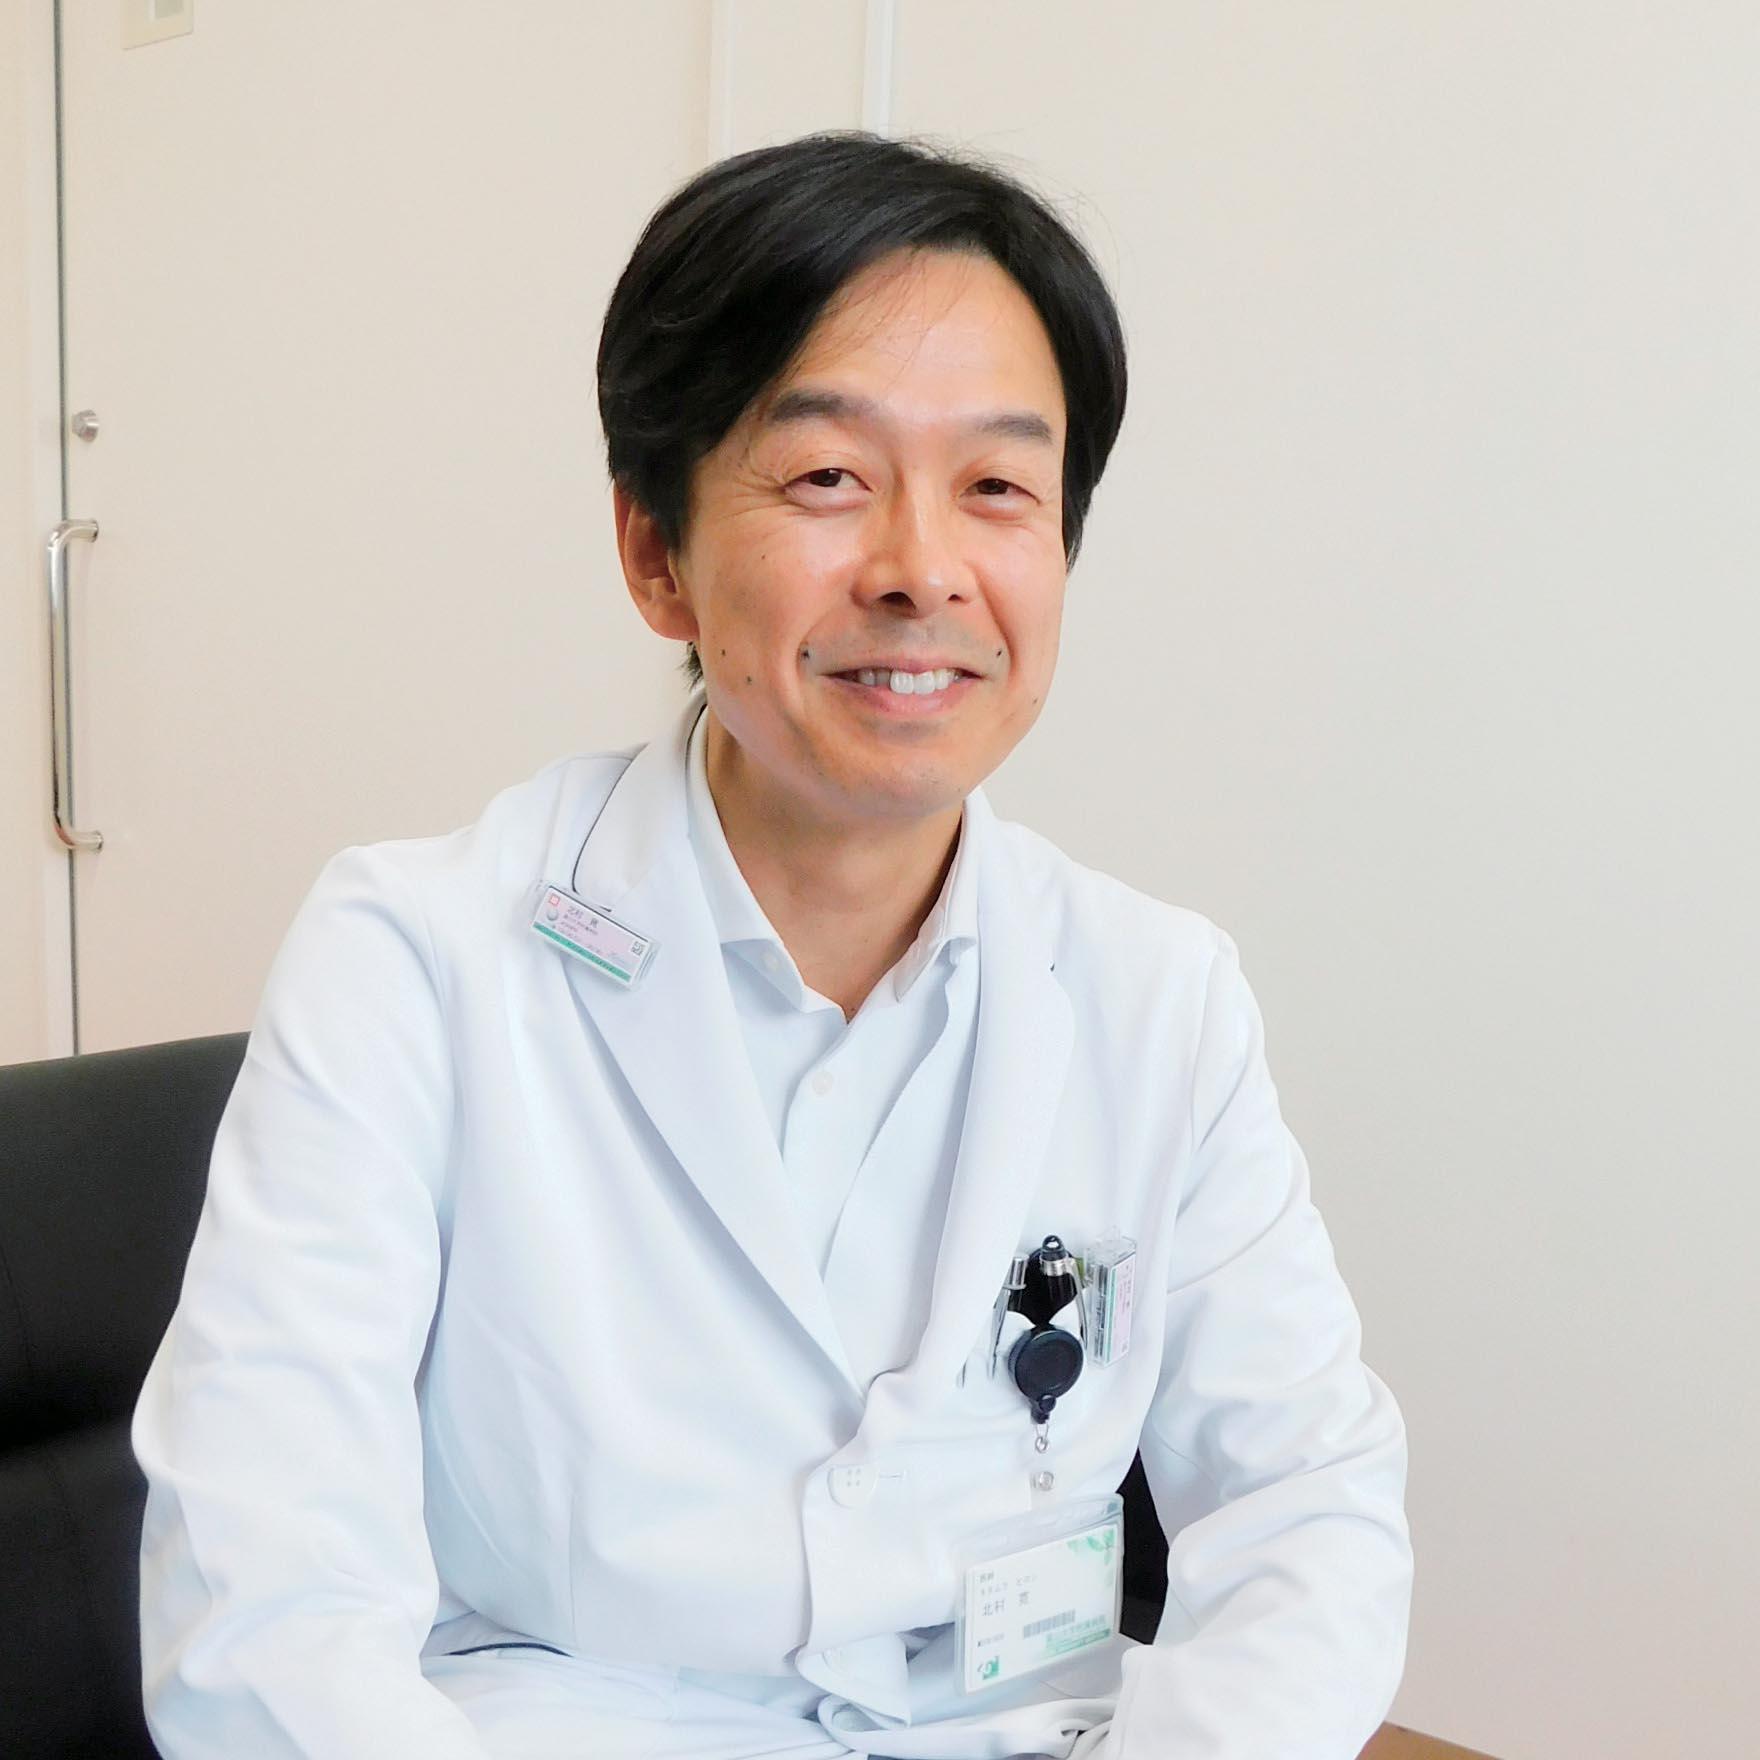 ロボット支援下手術を軸に県内泌尿器科医療充実へ